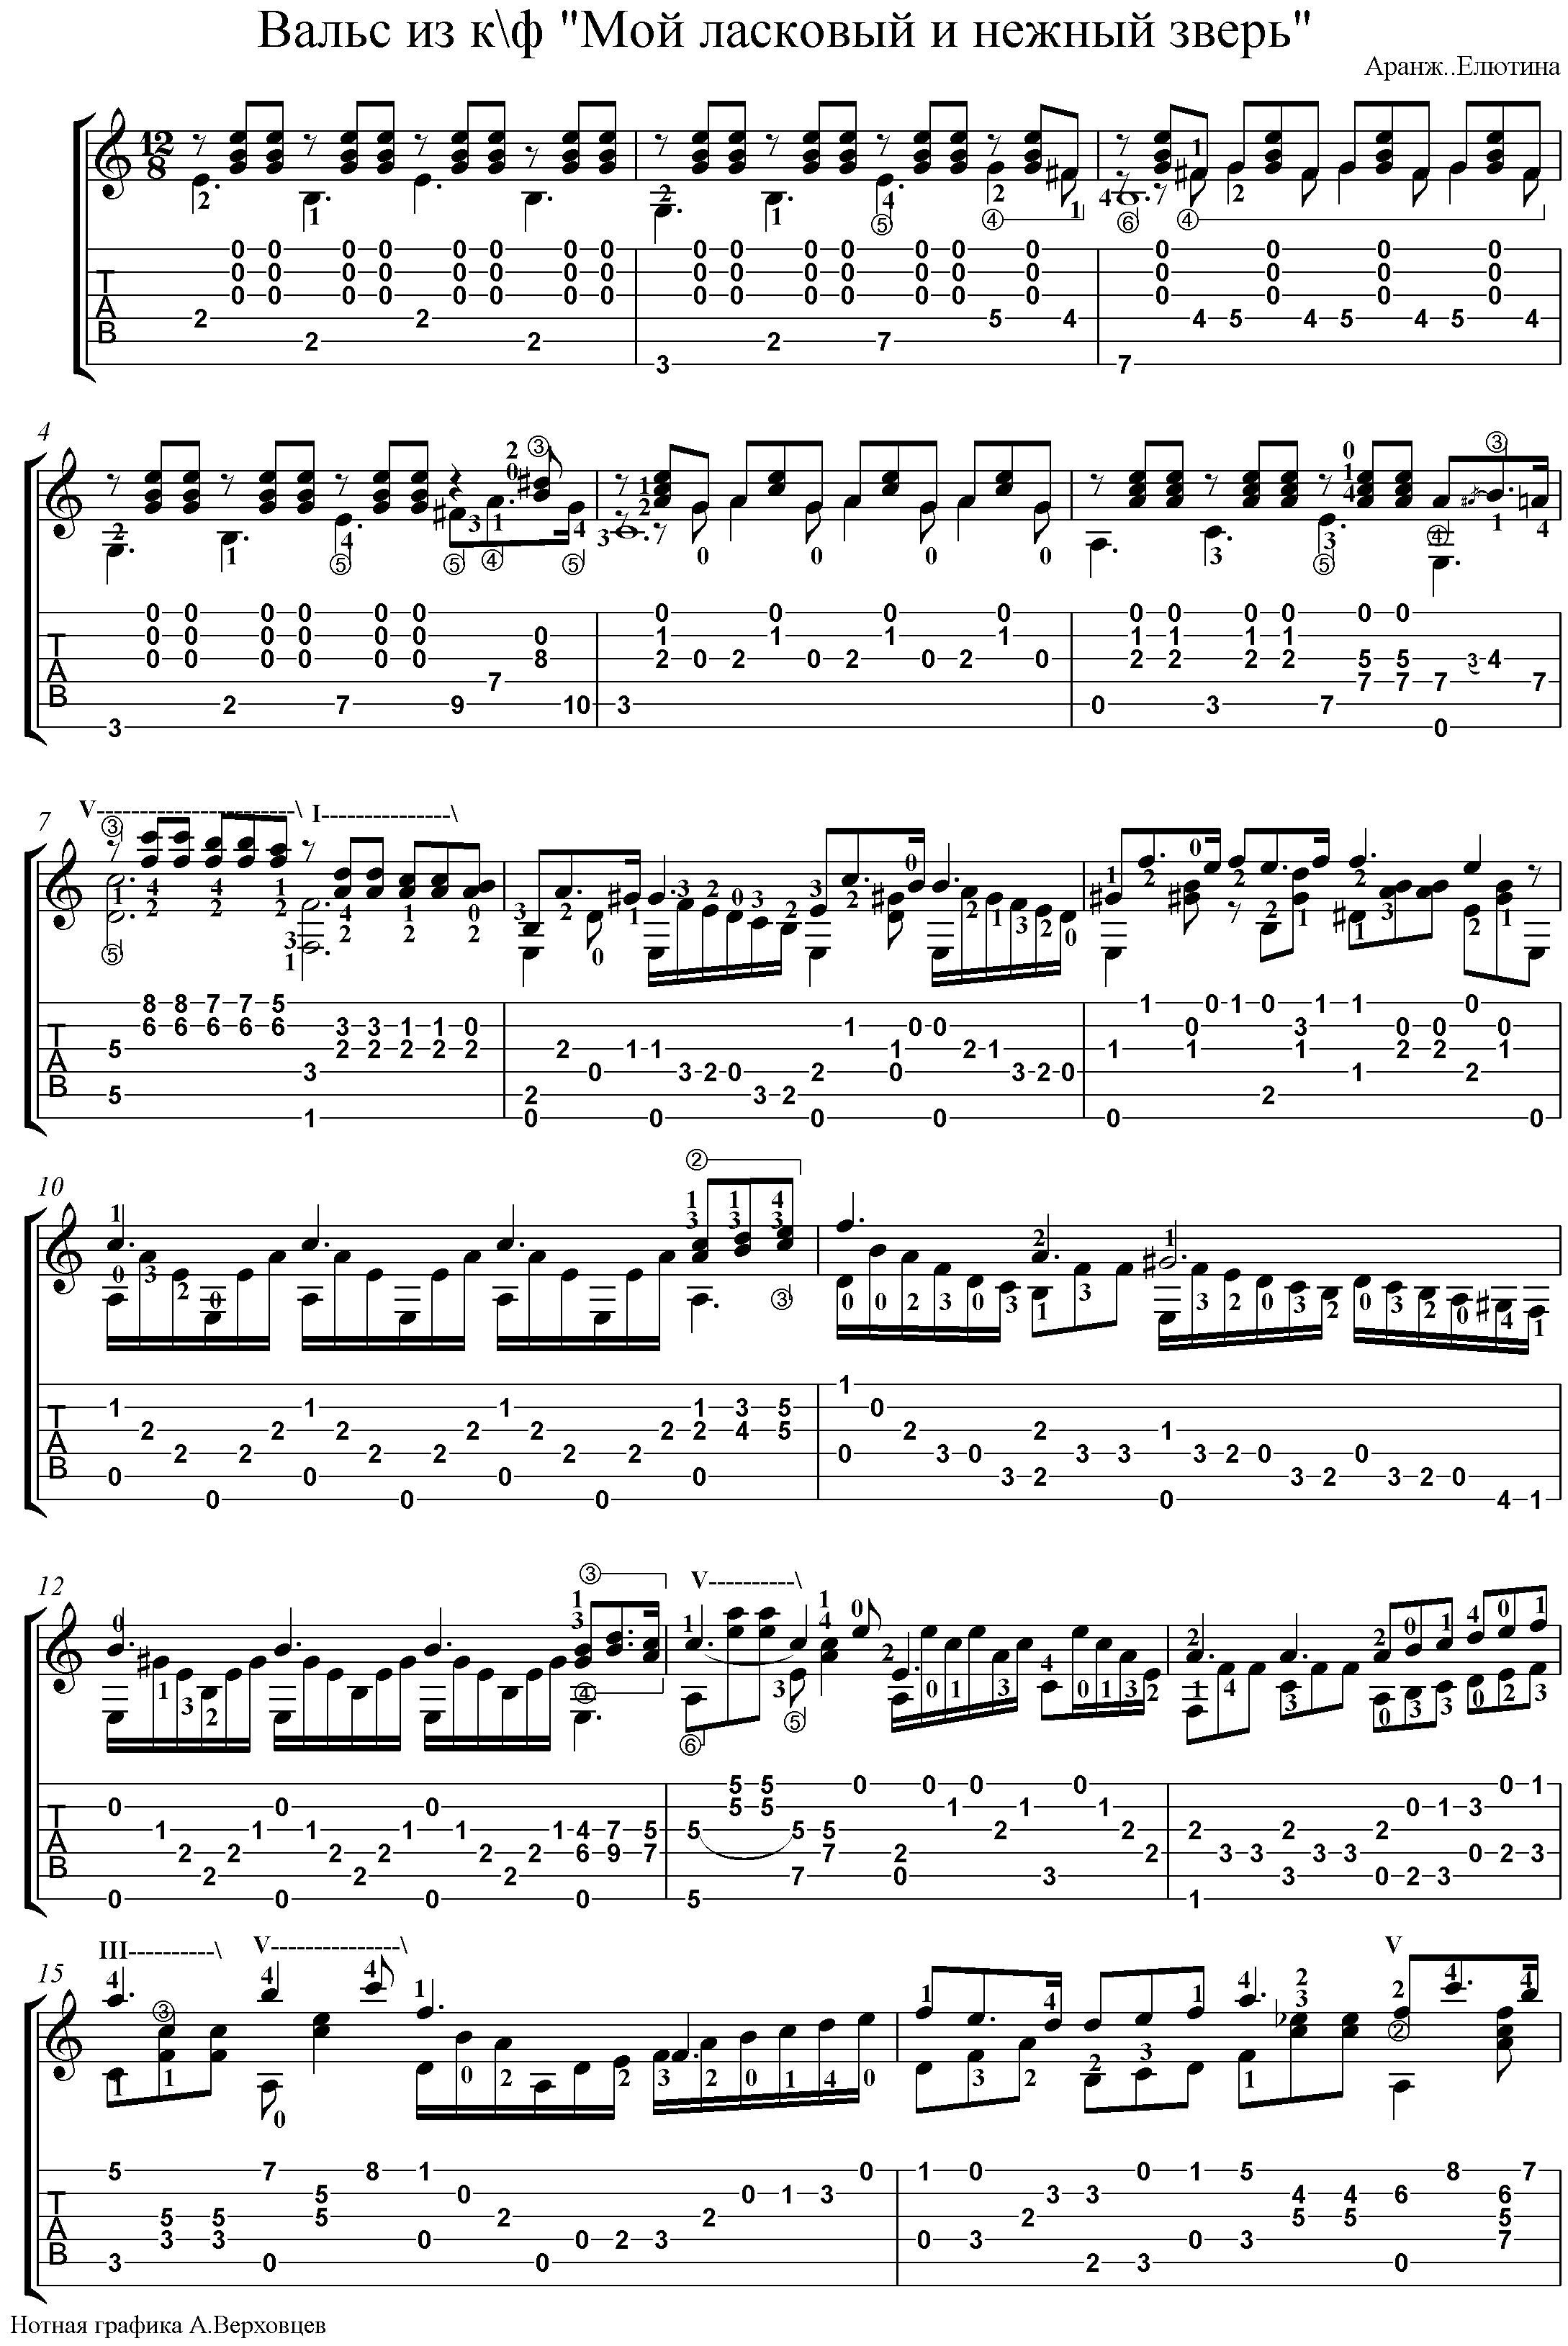 Звери - Для тебя - Аккорды песен для гитары - 5Lad ru